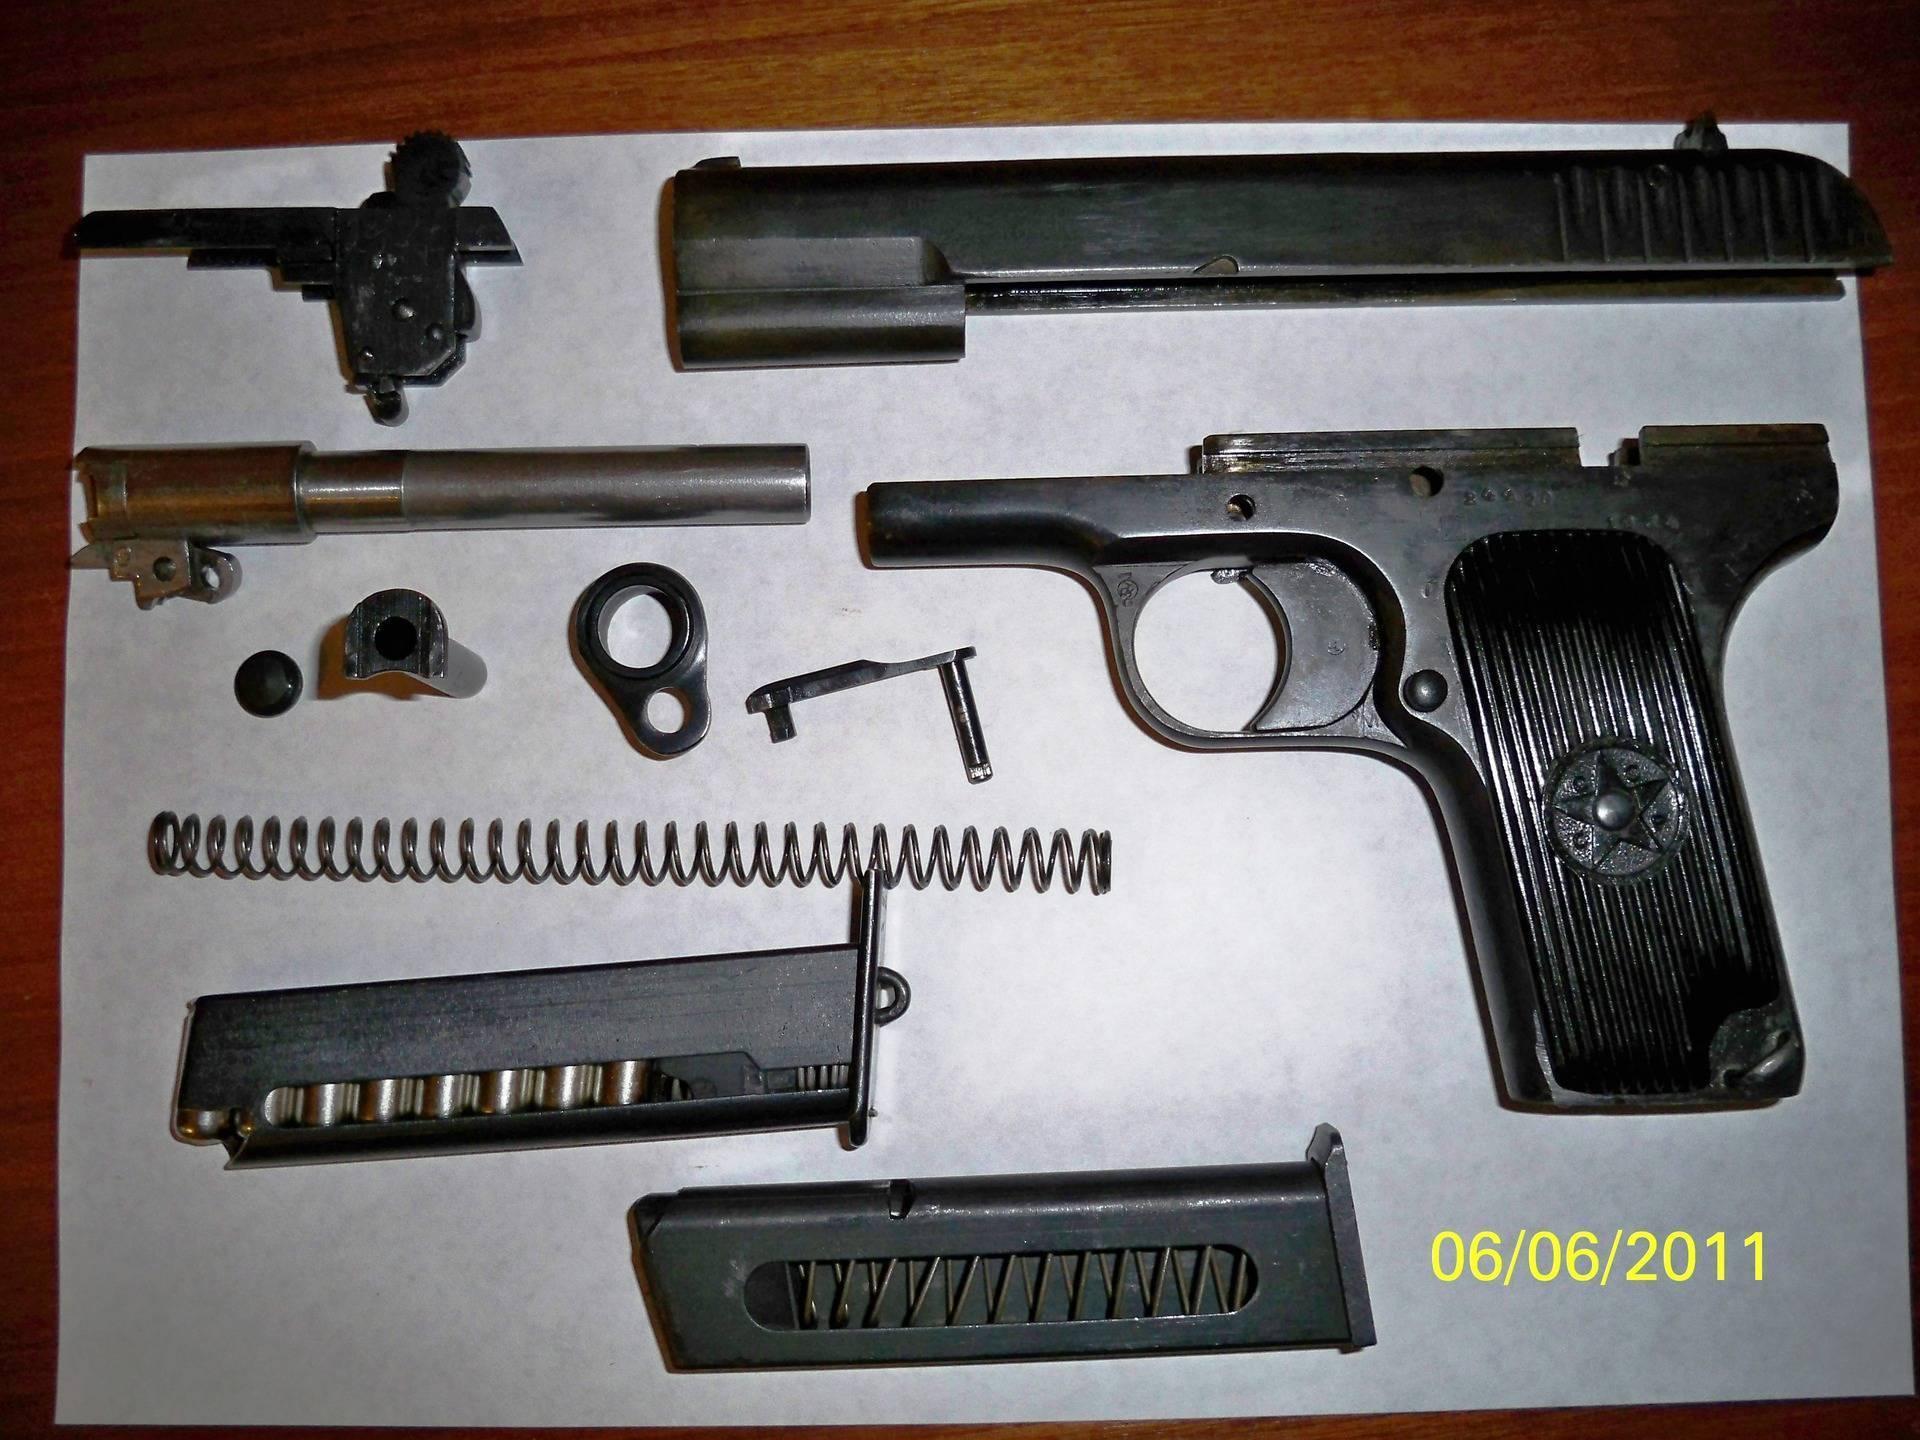 Пистолет мр-81 ттх. фото. видео. размеры. скорострельность. скорость пули. прицельная дальность. вес